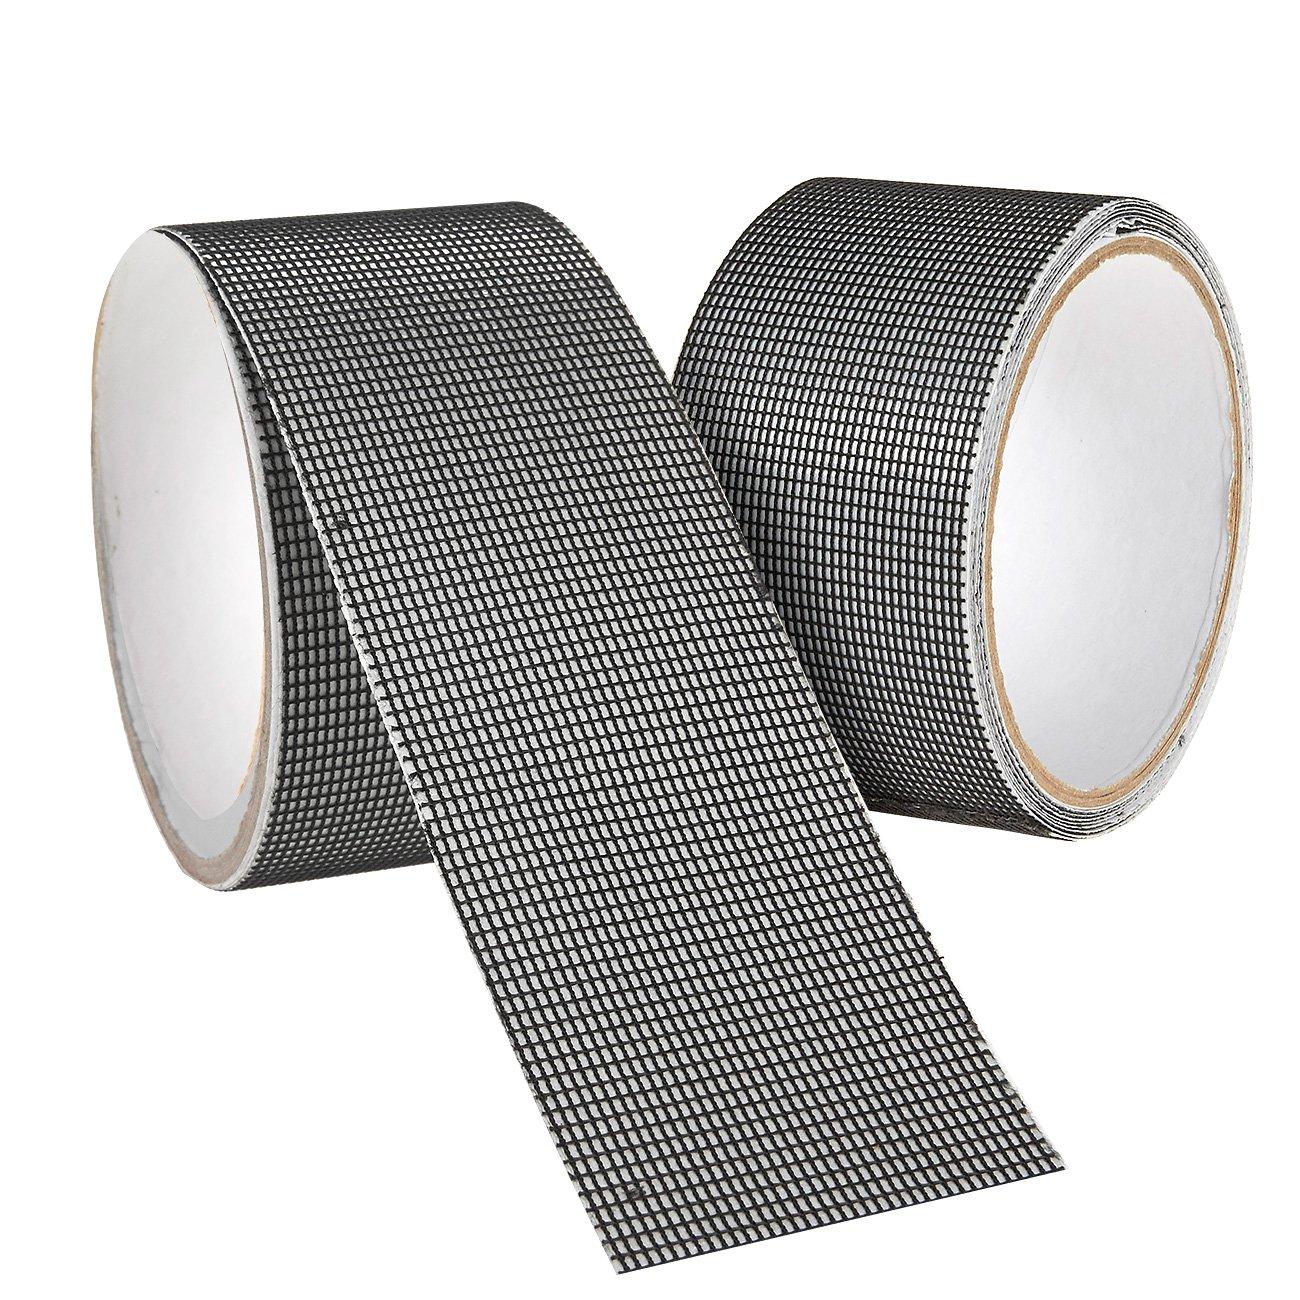 2 Pack Window and Door Screen Repair Tape Adhesive & Waterproof screen repair kit Fiberglass Cloth Mesh 2 x 80 inches